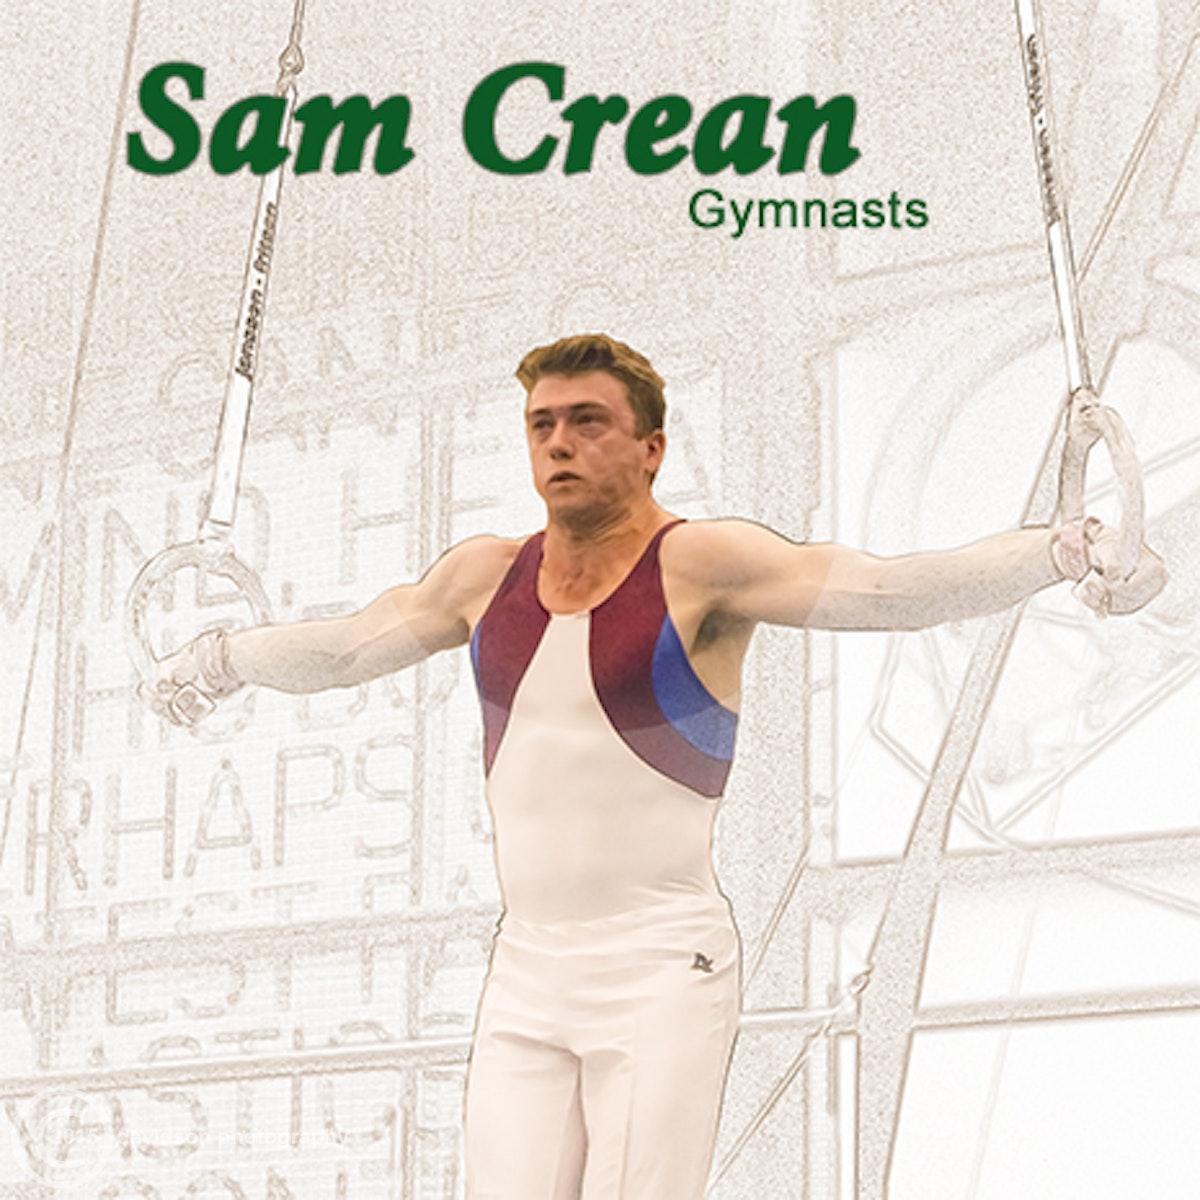 SamCrean-FM